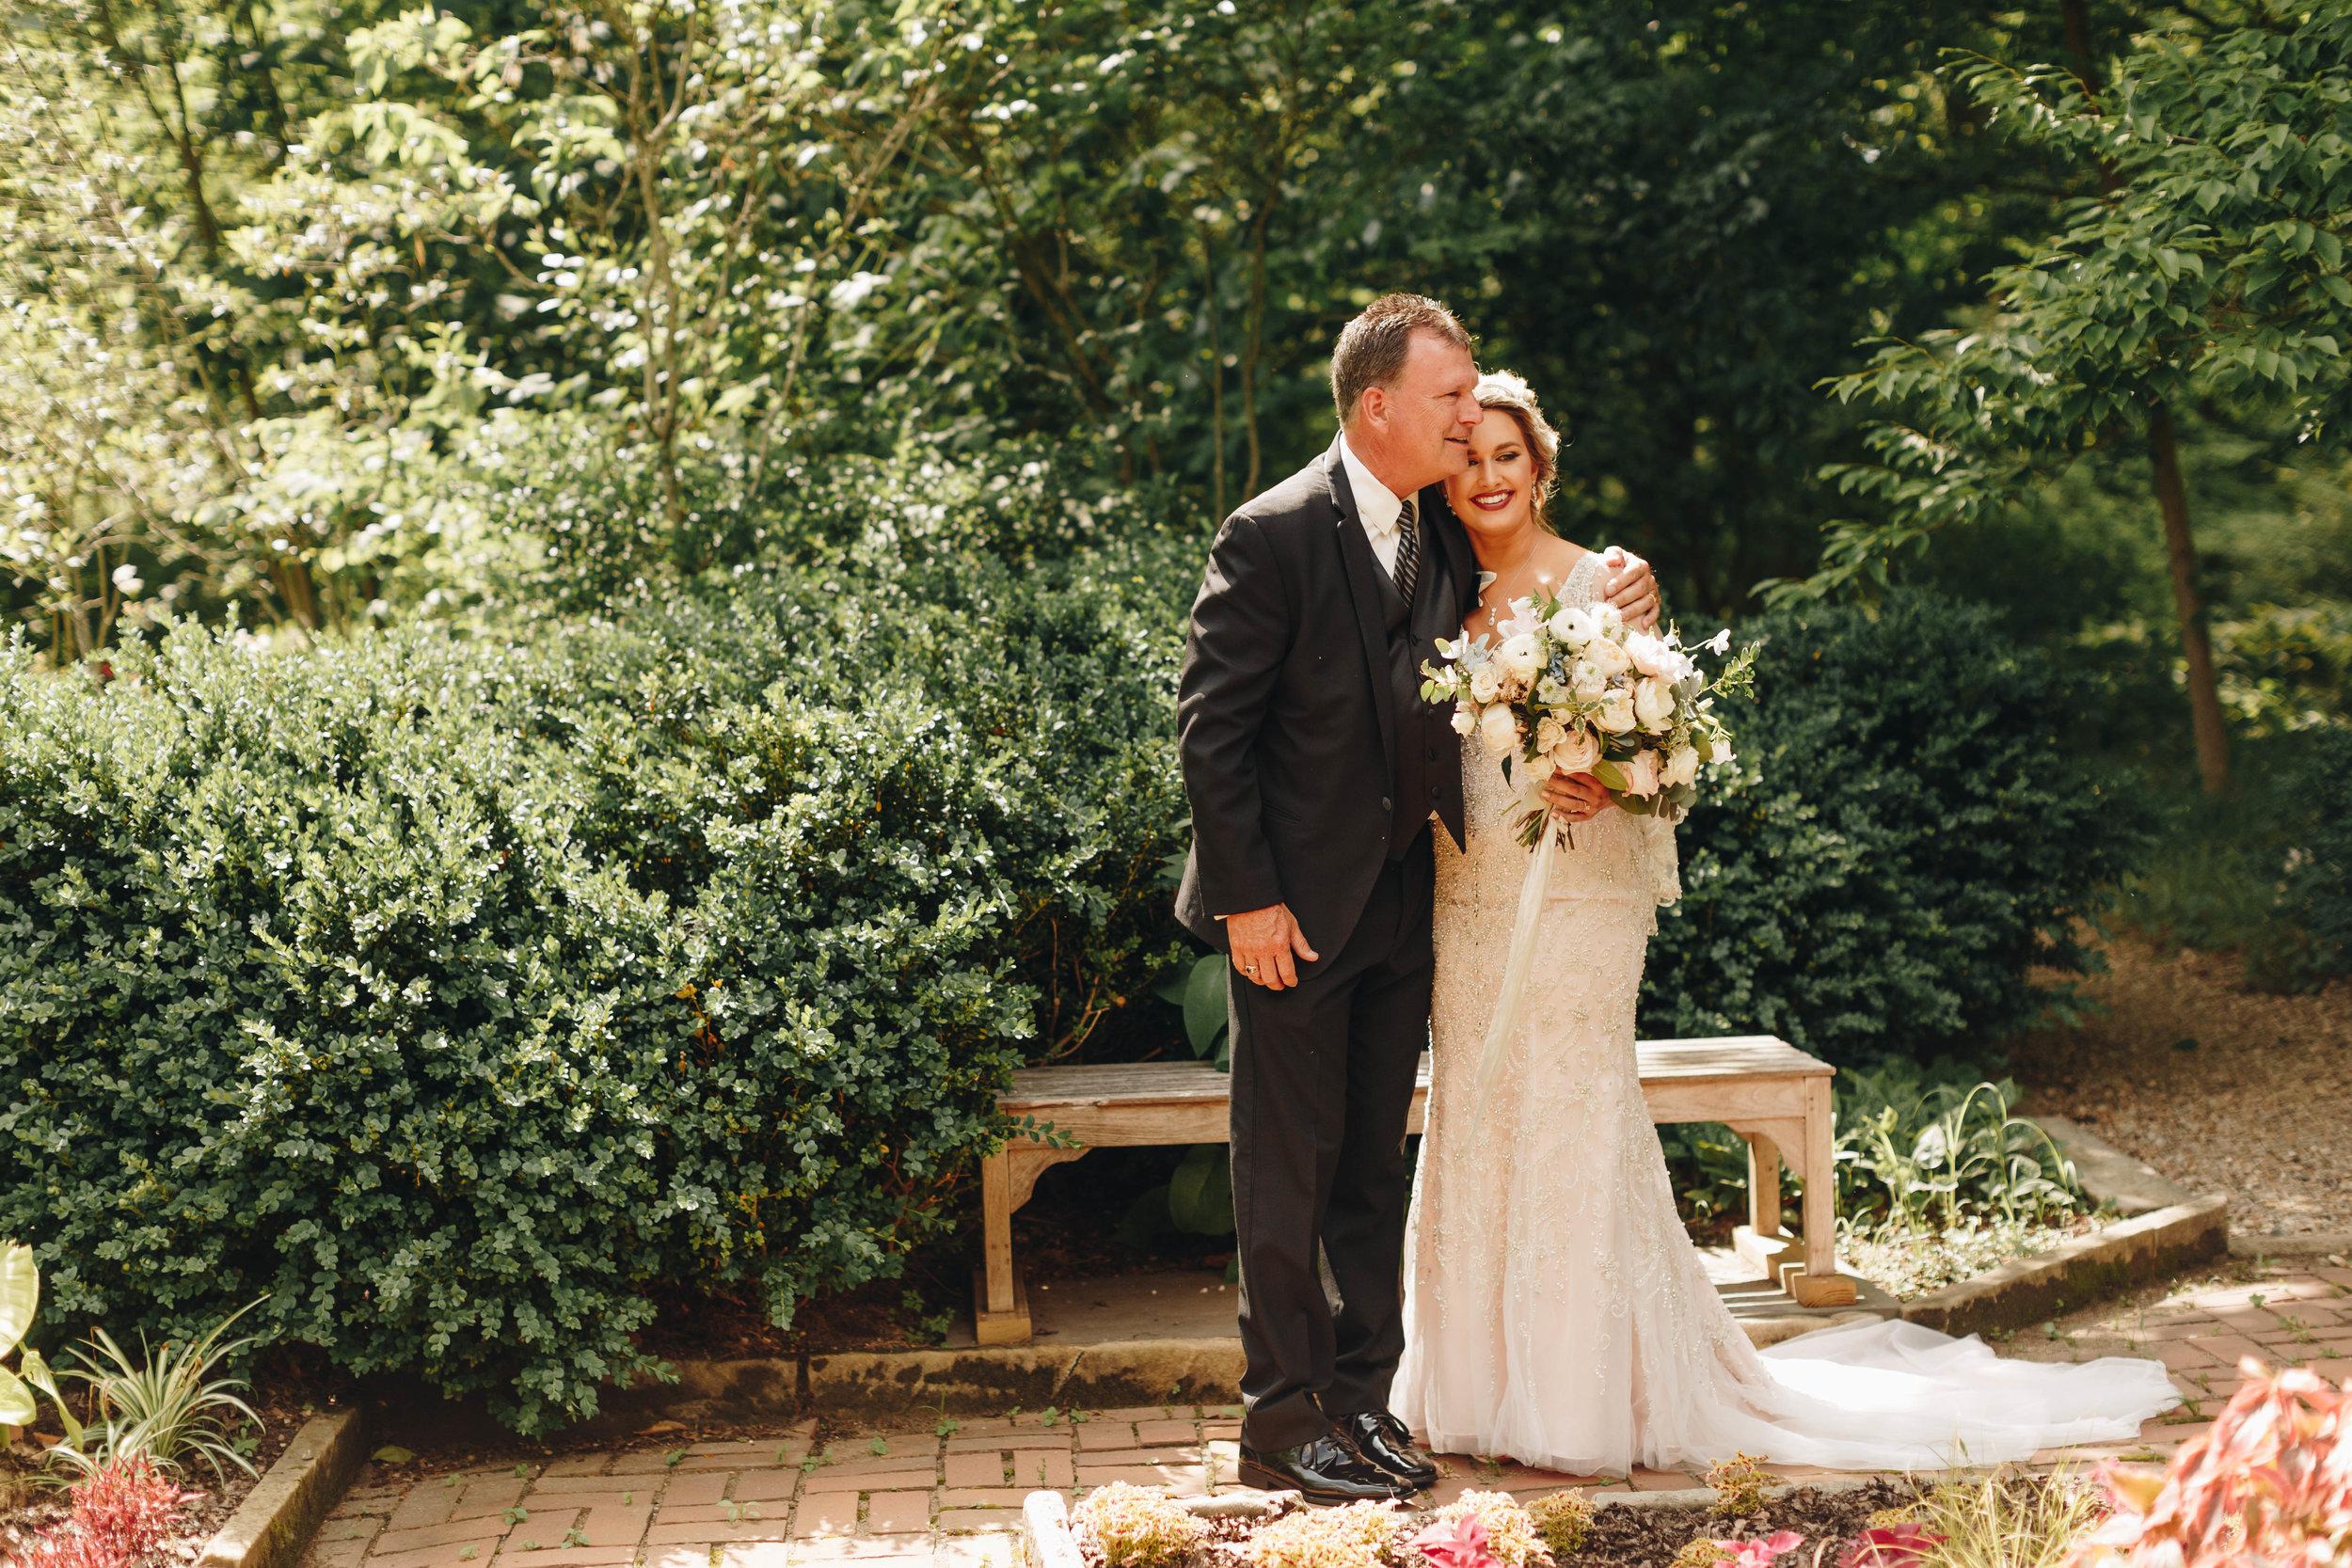 Cincinnati+wedding+photographer-25.jpeg